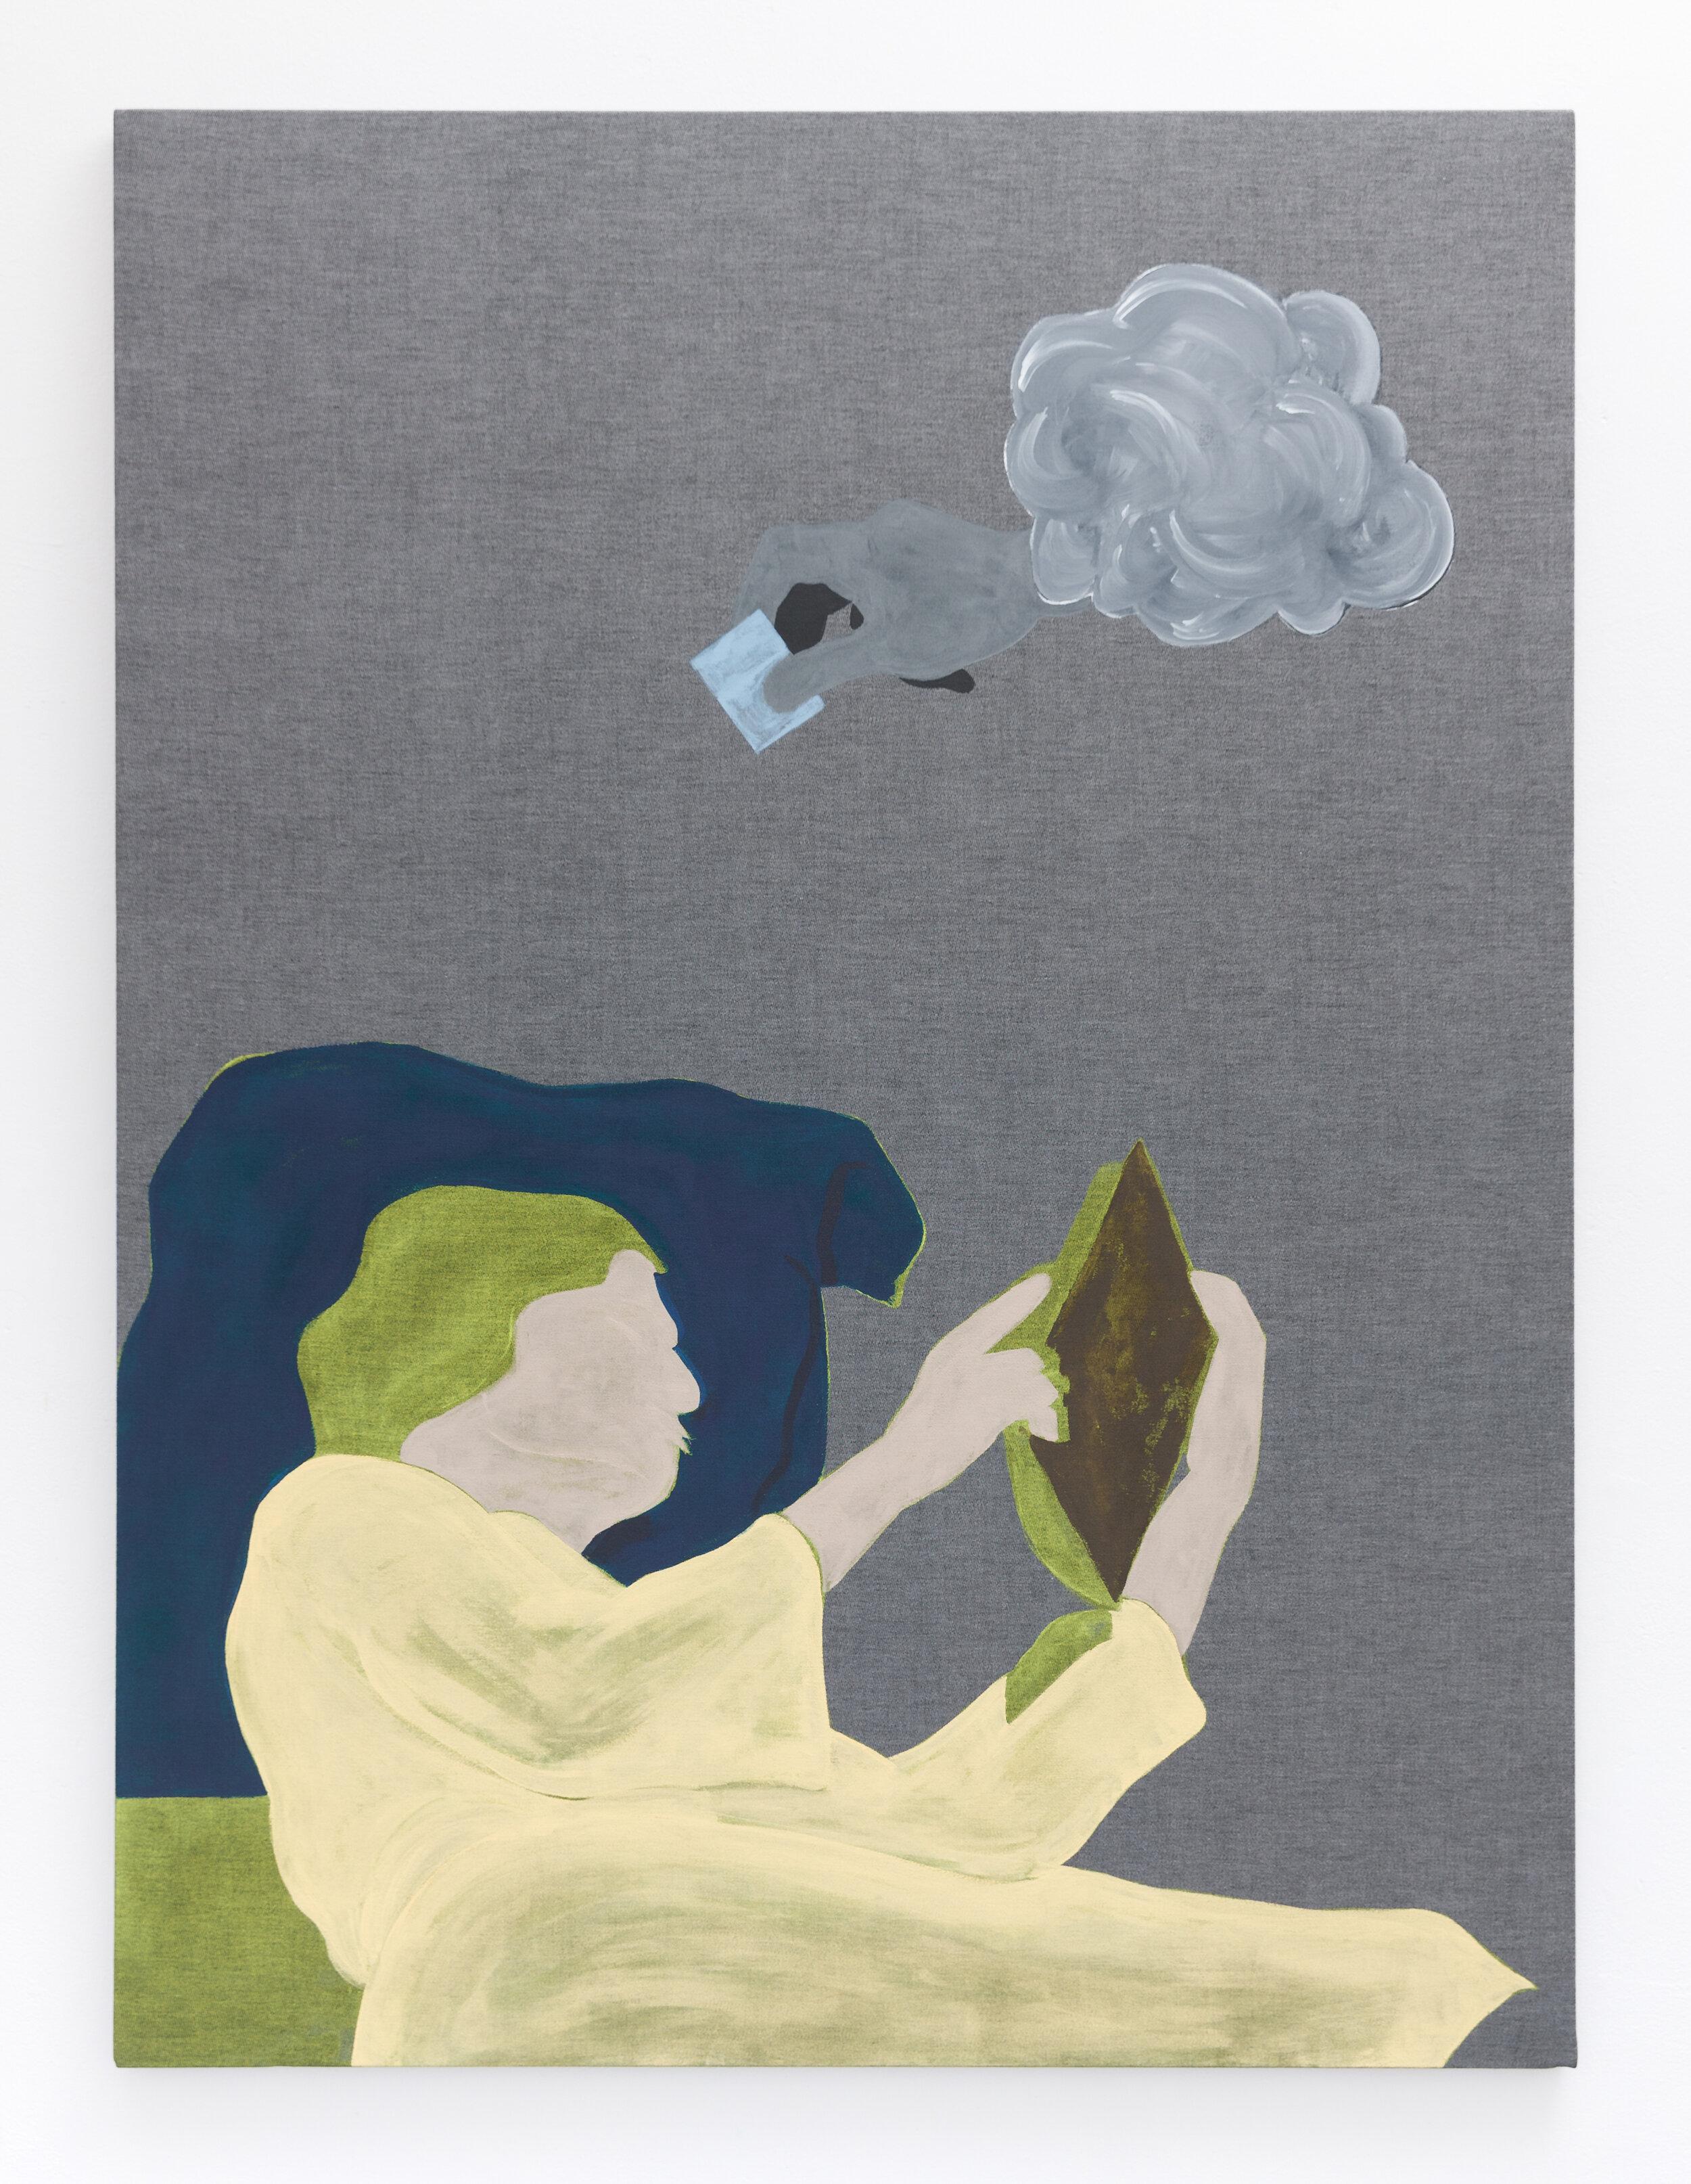 under an immense sky,  2018. Acrylic on cotton, 137 x 102 cm.